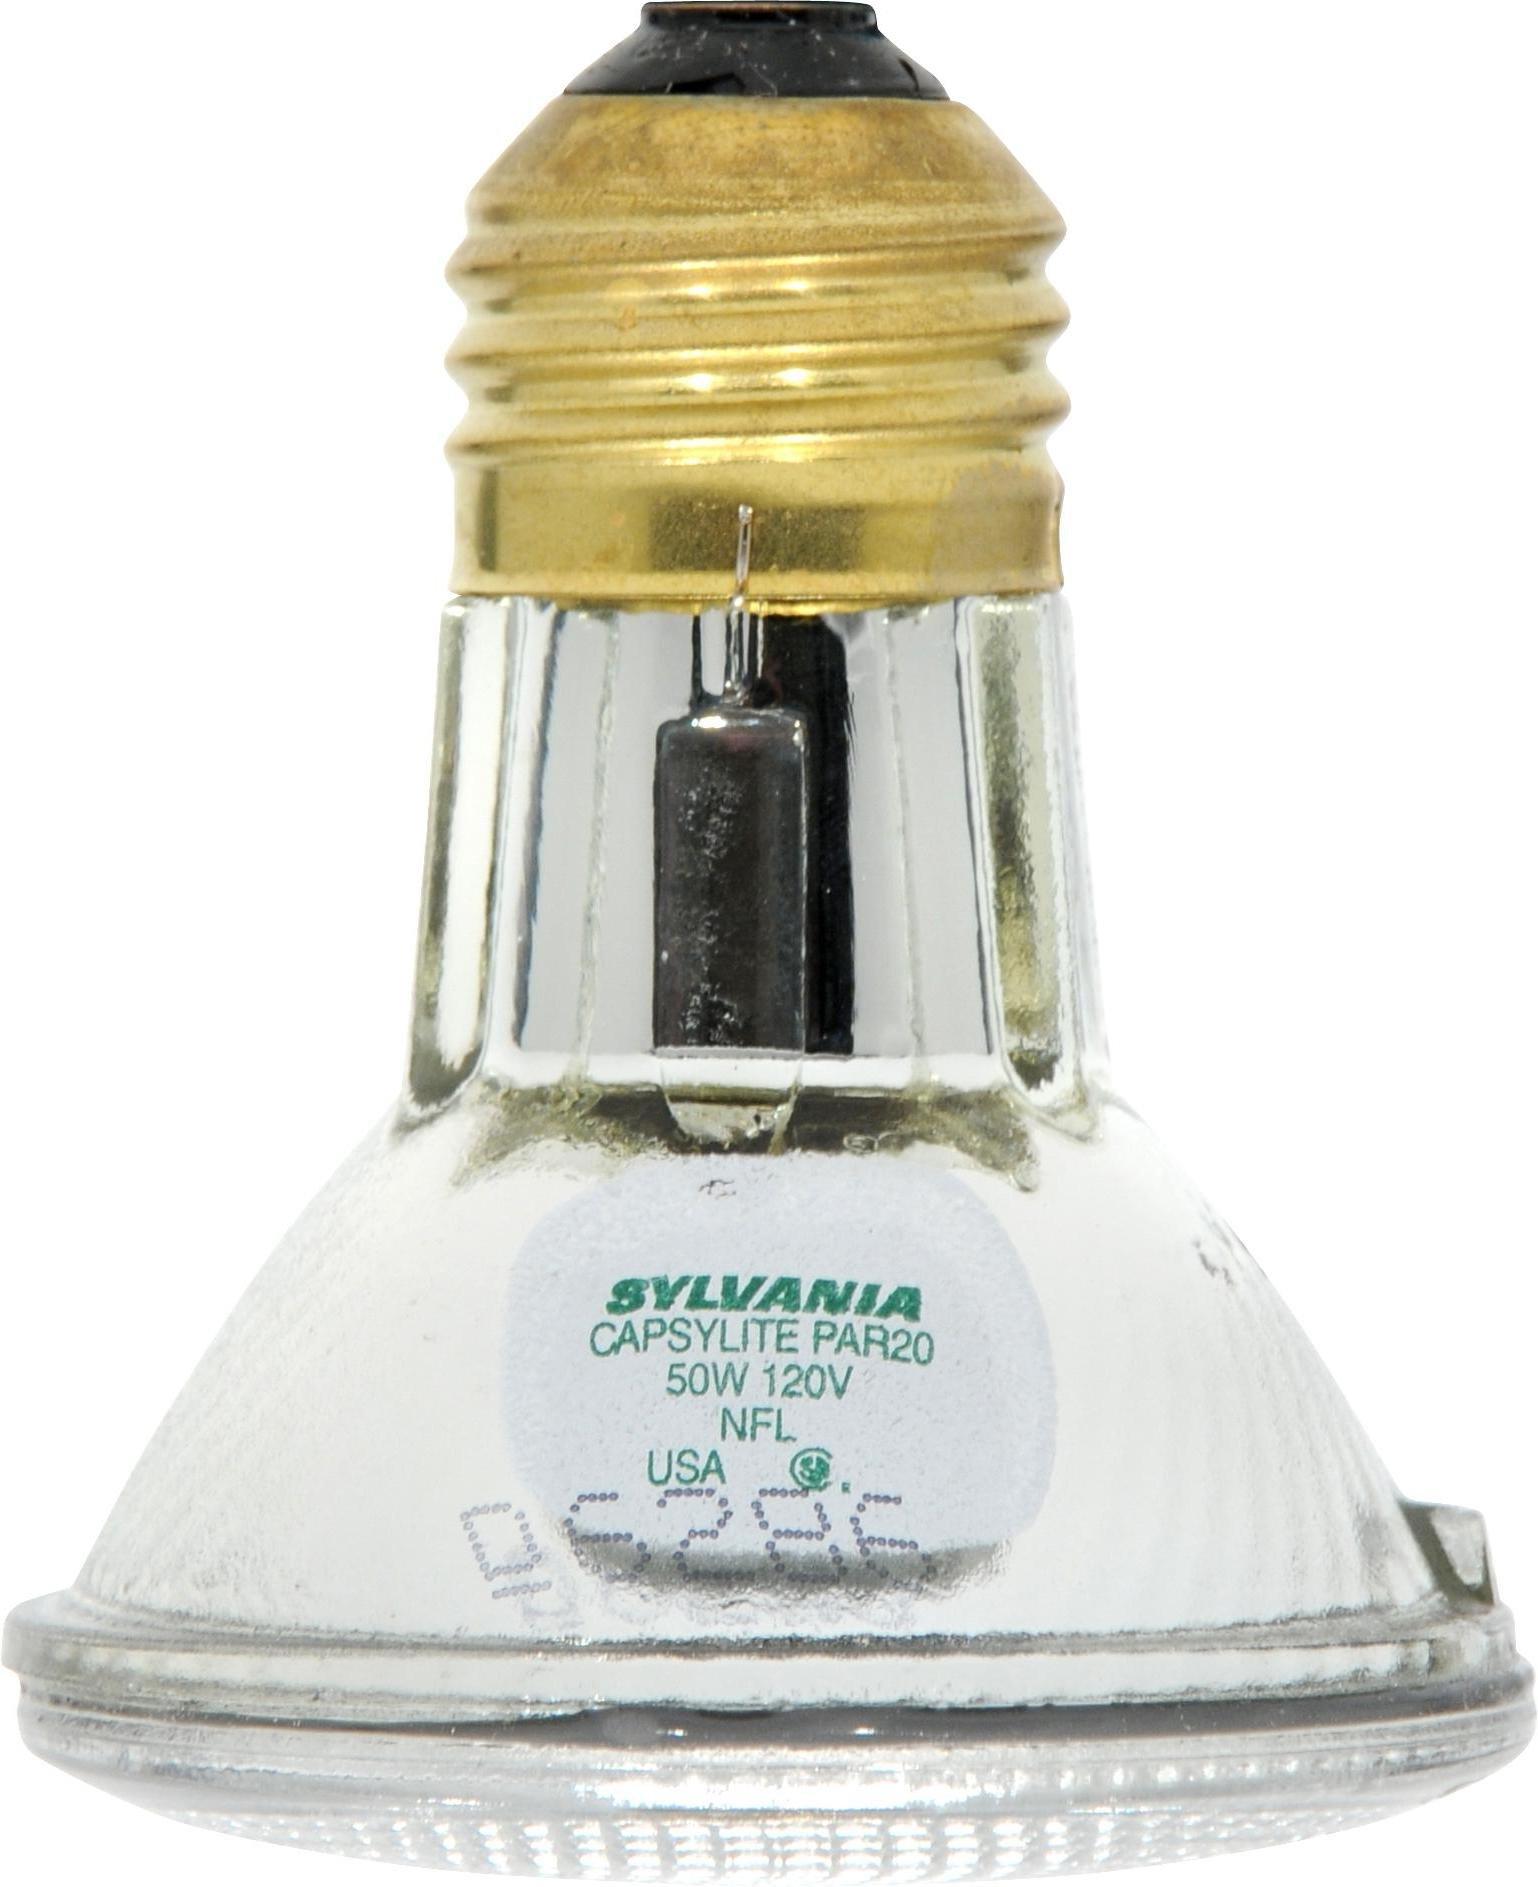 Sylvania 14502 50 Watt PAR20 Narrow Flood Light Bulb / 30 Degree Beam Spread / 120 Volt / 50PAR20